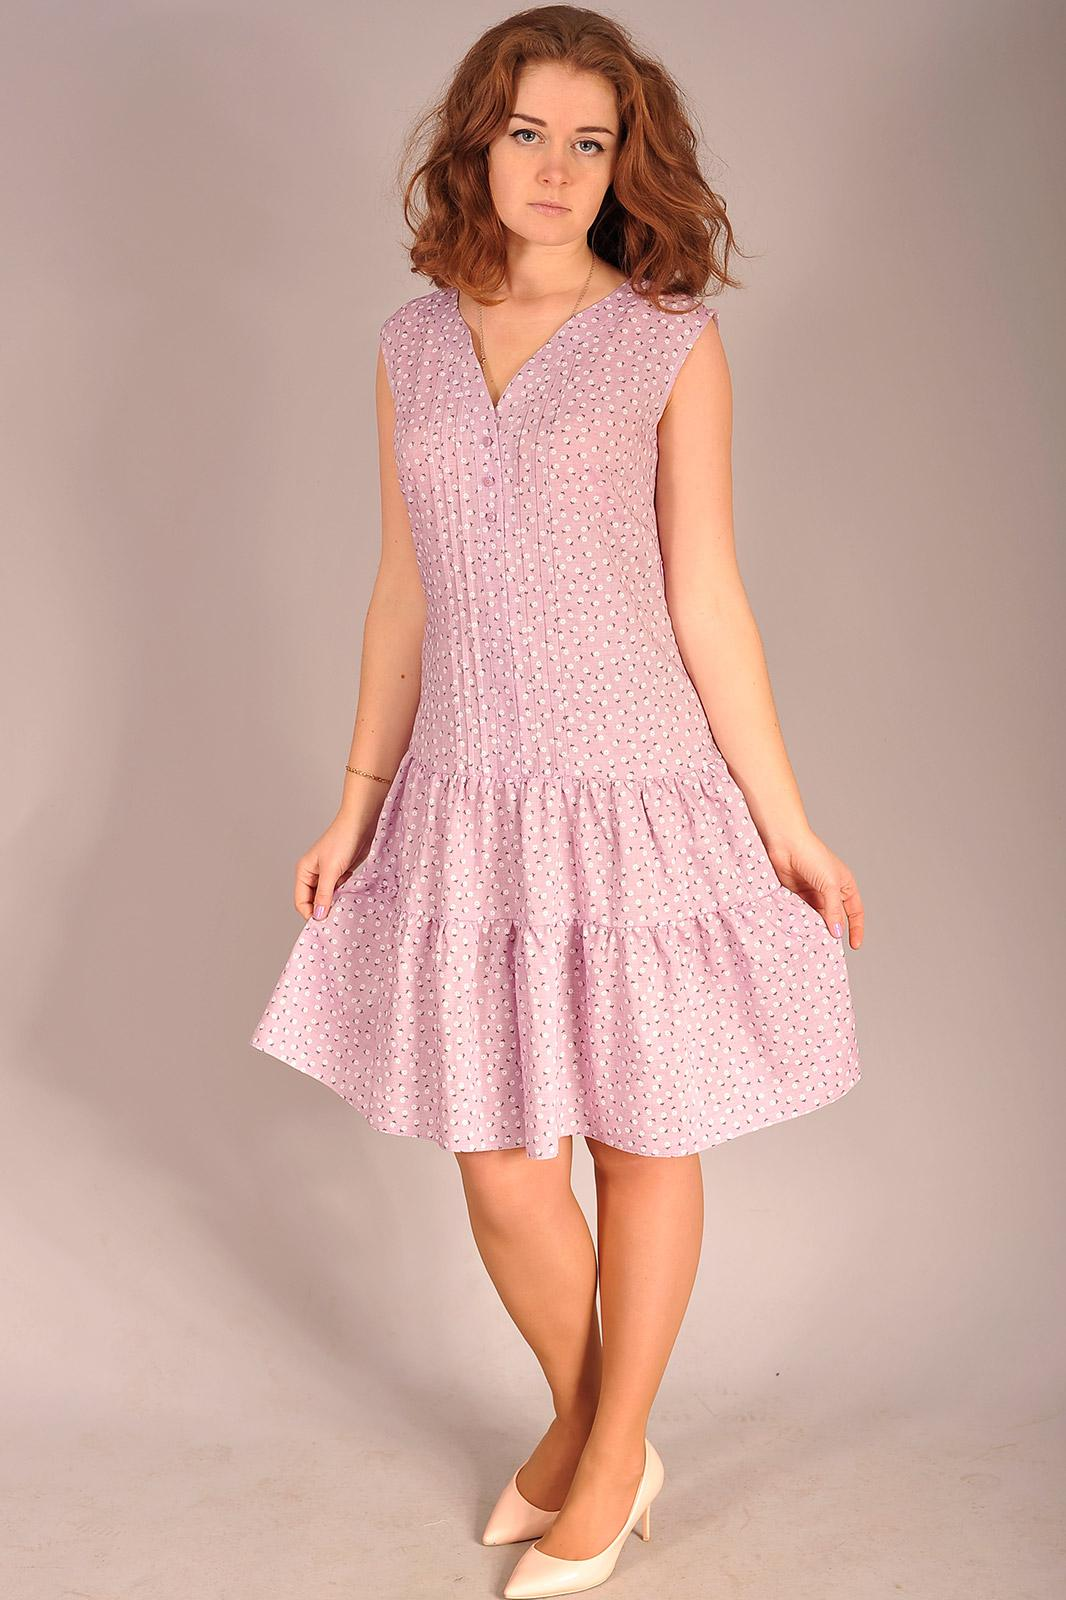 Купить Платье Edibor, 1057 розовый, Беларусь